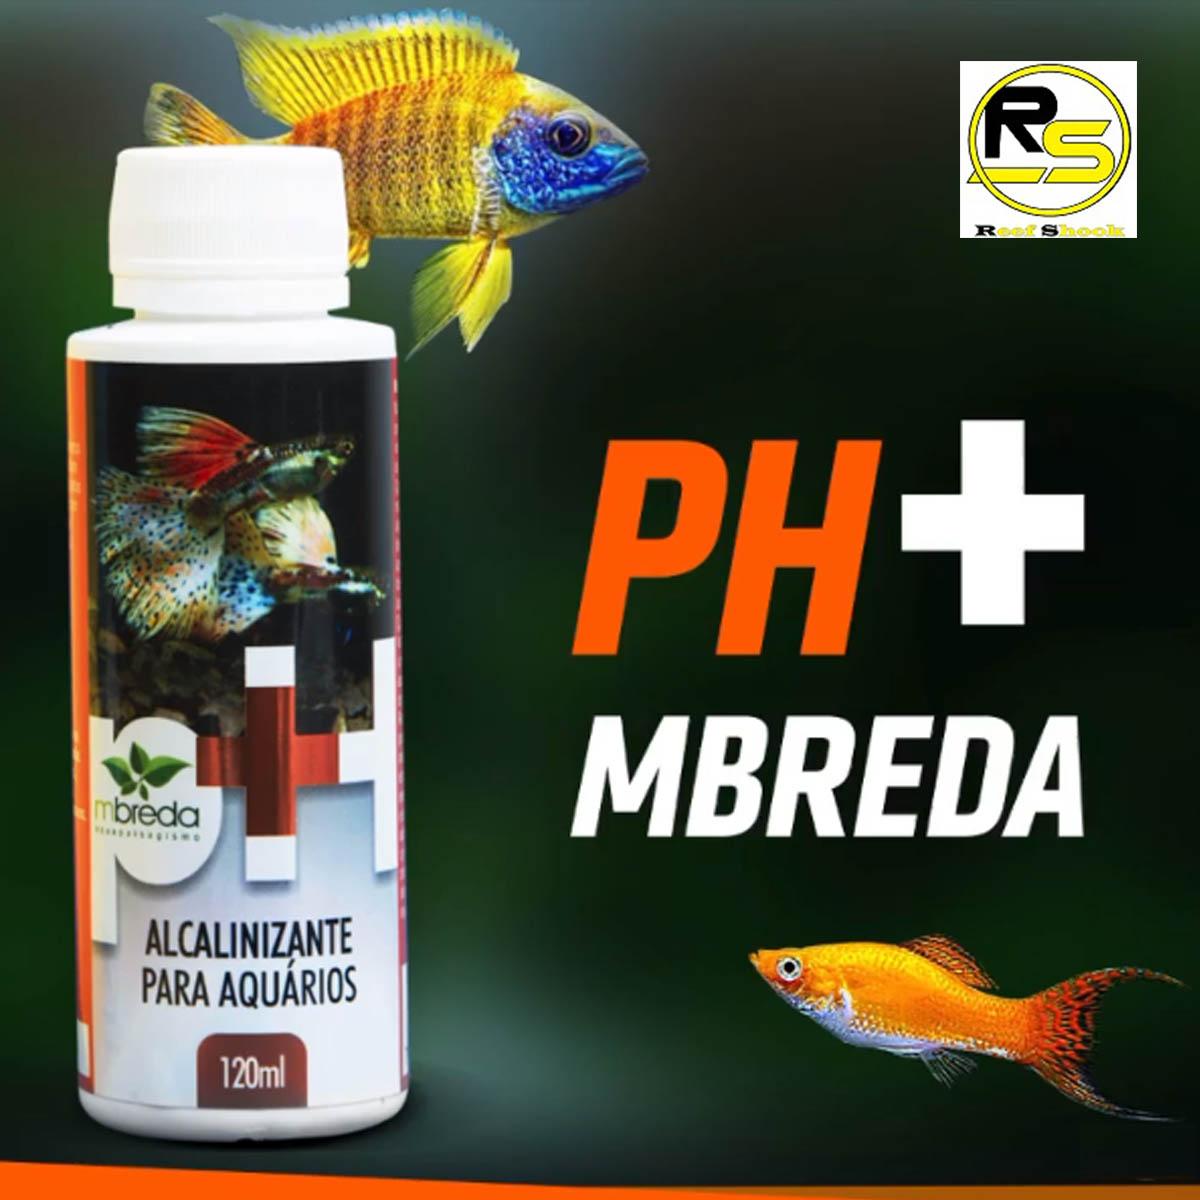 Alcalinizante Ph+ Mbreda para Aquários 120ml Eleva o Ph